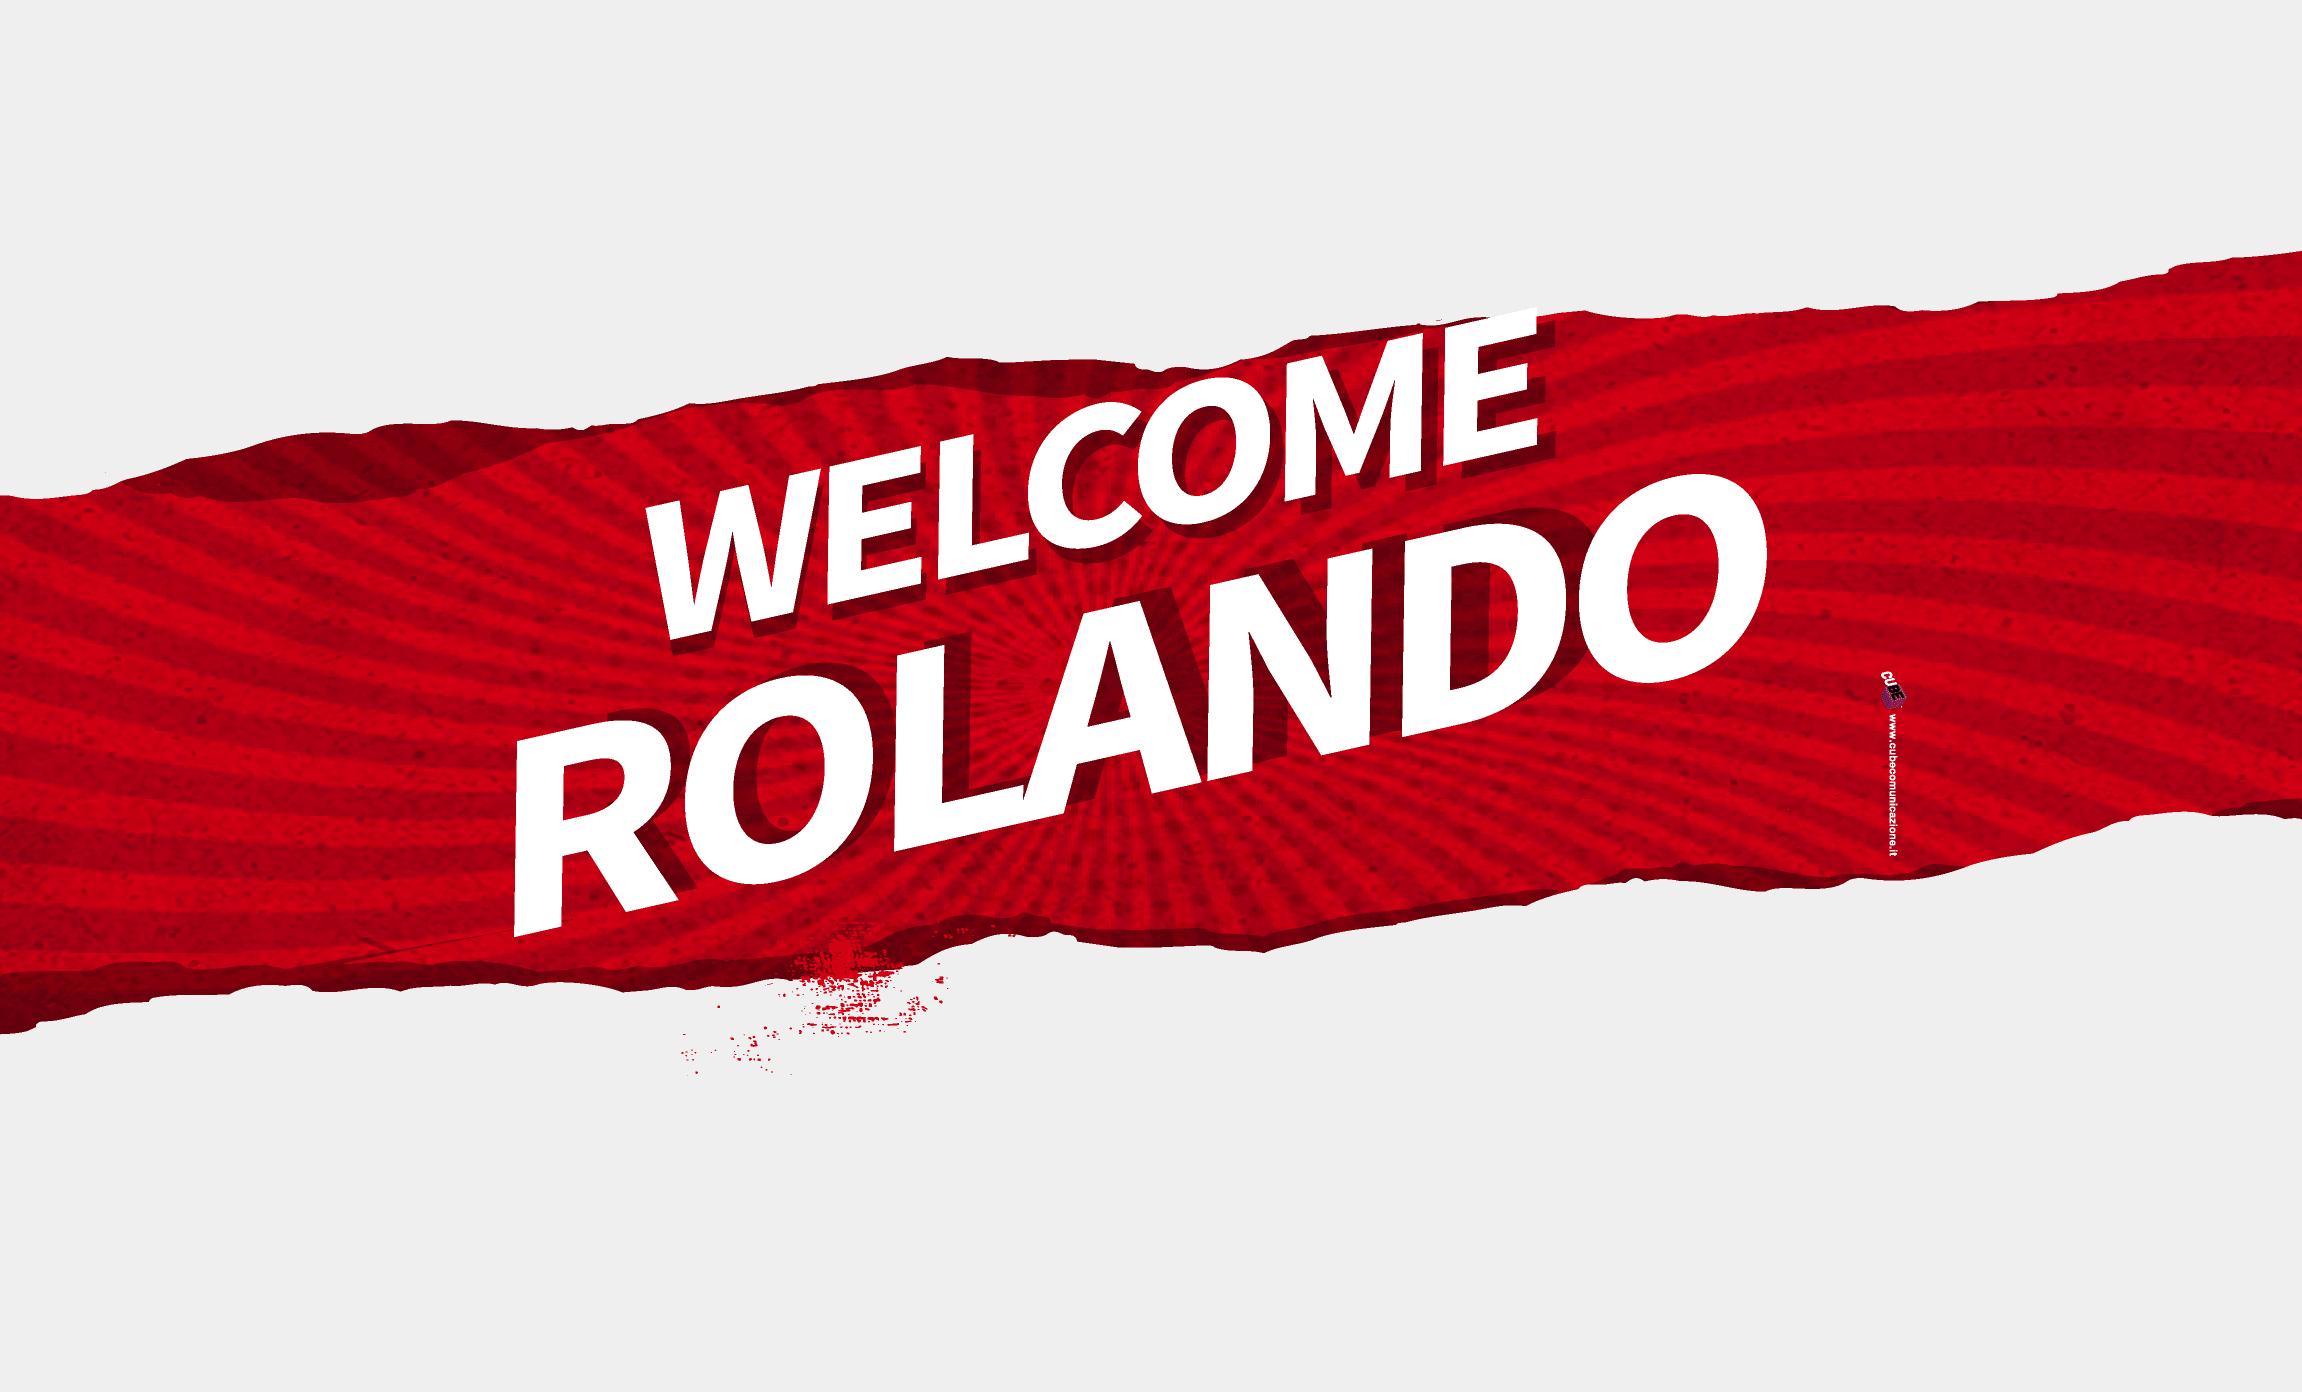 Ufficiale: Benvenuto Gabriele Rolando! 1570-3uodaH79PpMuL9qOTUUa